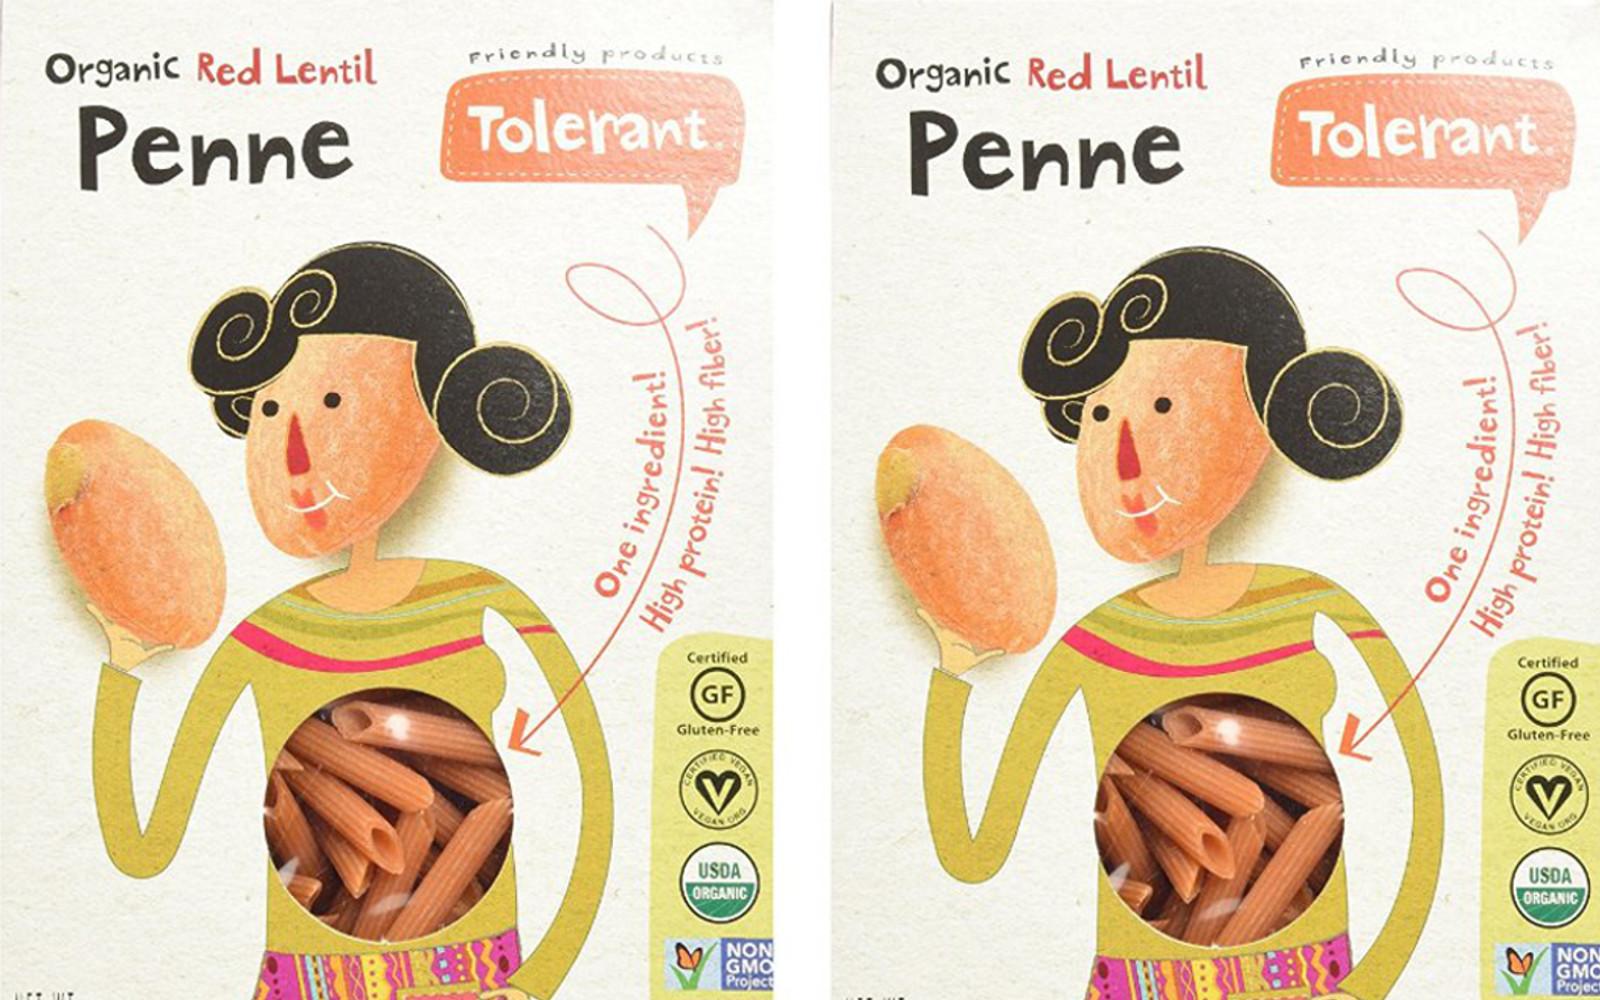 Tolerant Red Lentil Penne